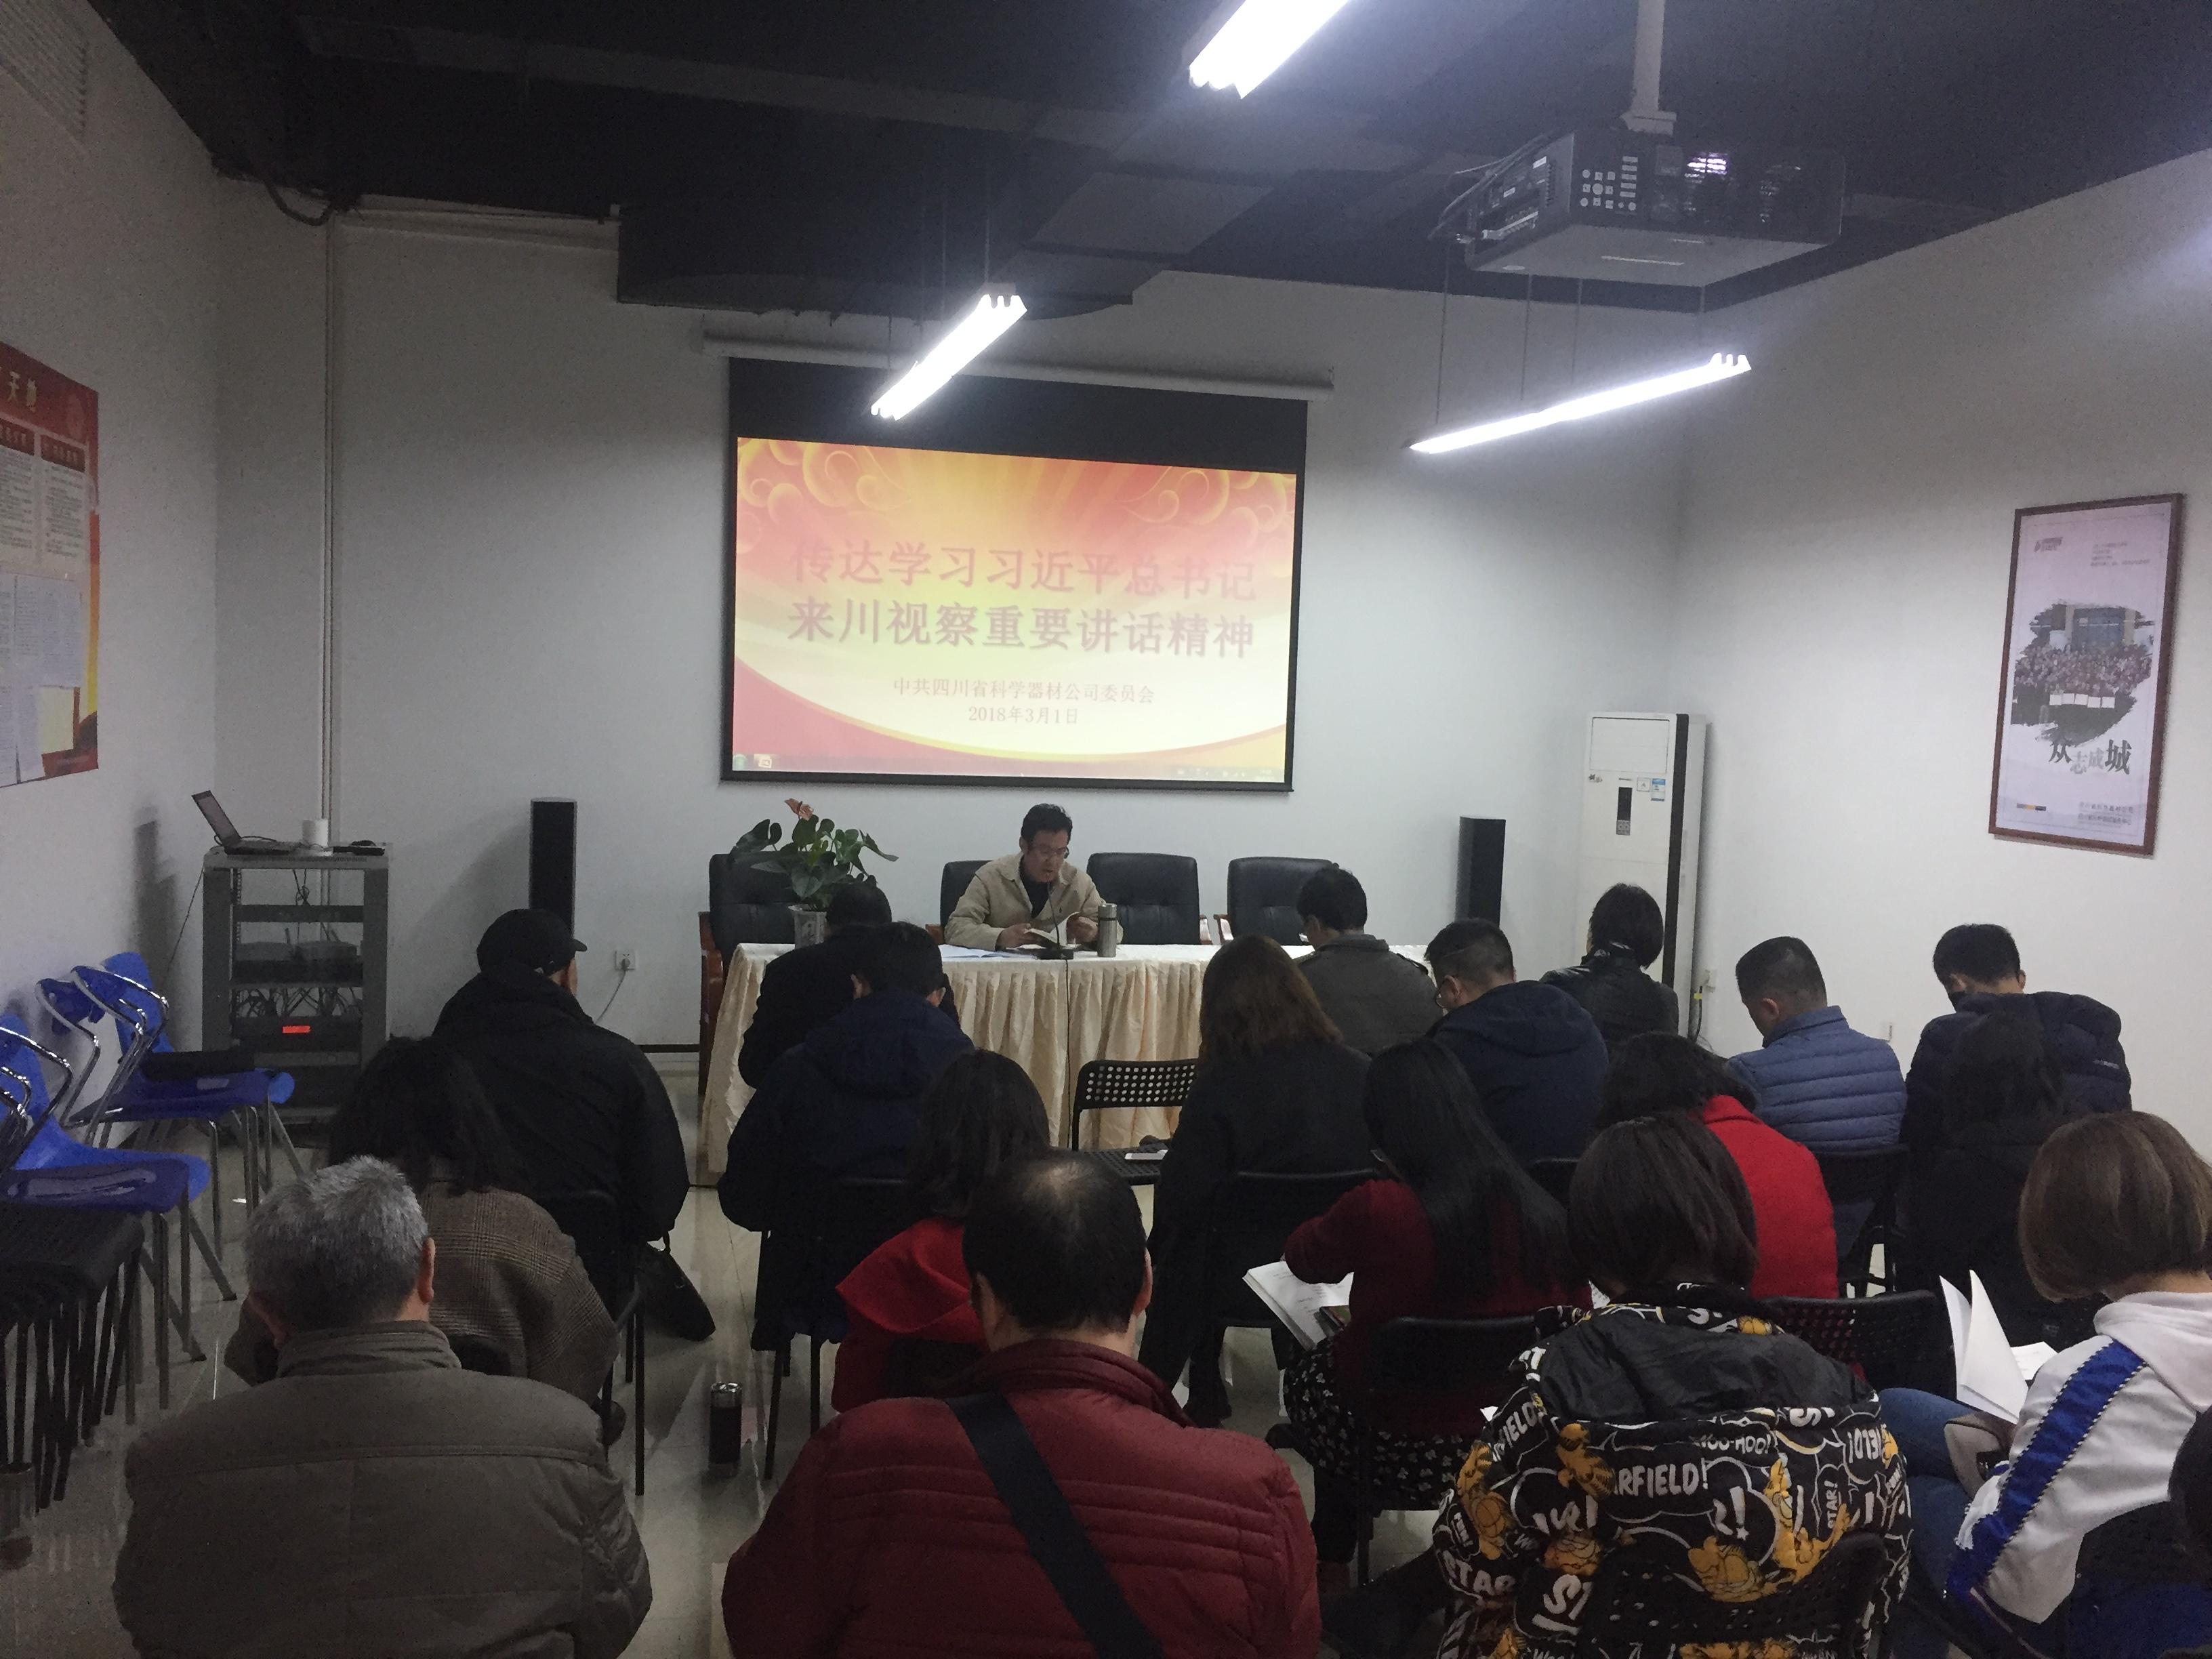 器材公司党委传达学习习近平总书记来川视察重要讲话精神